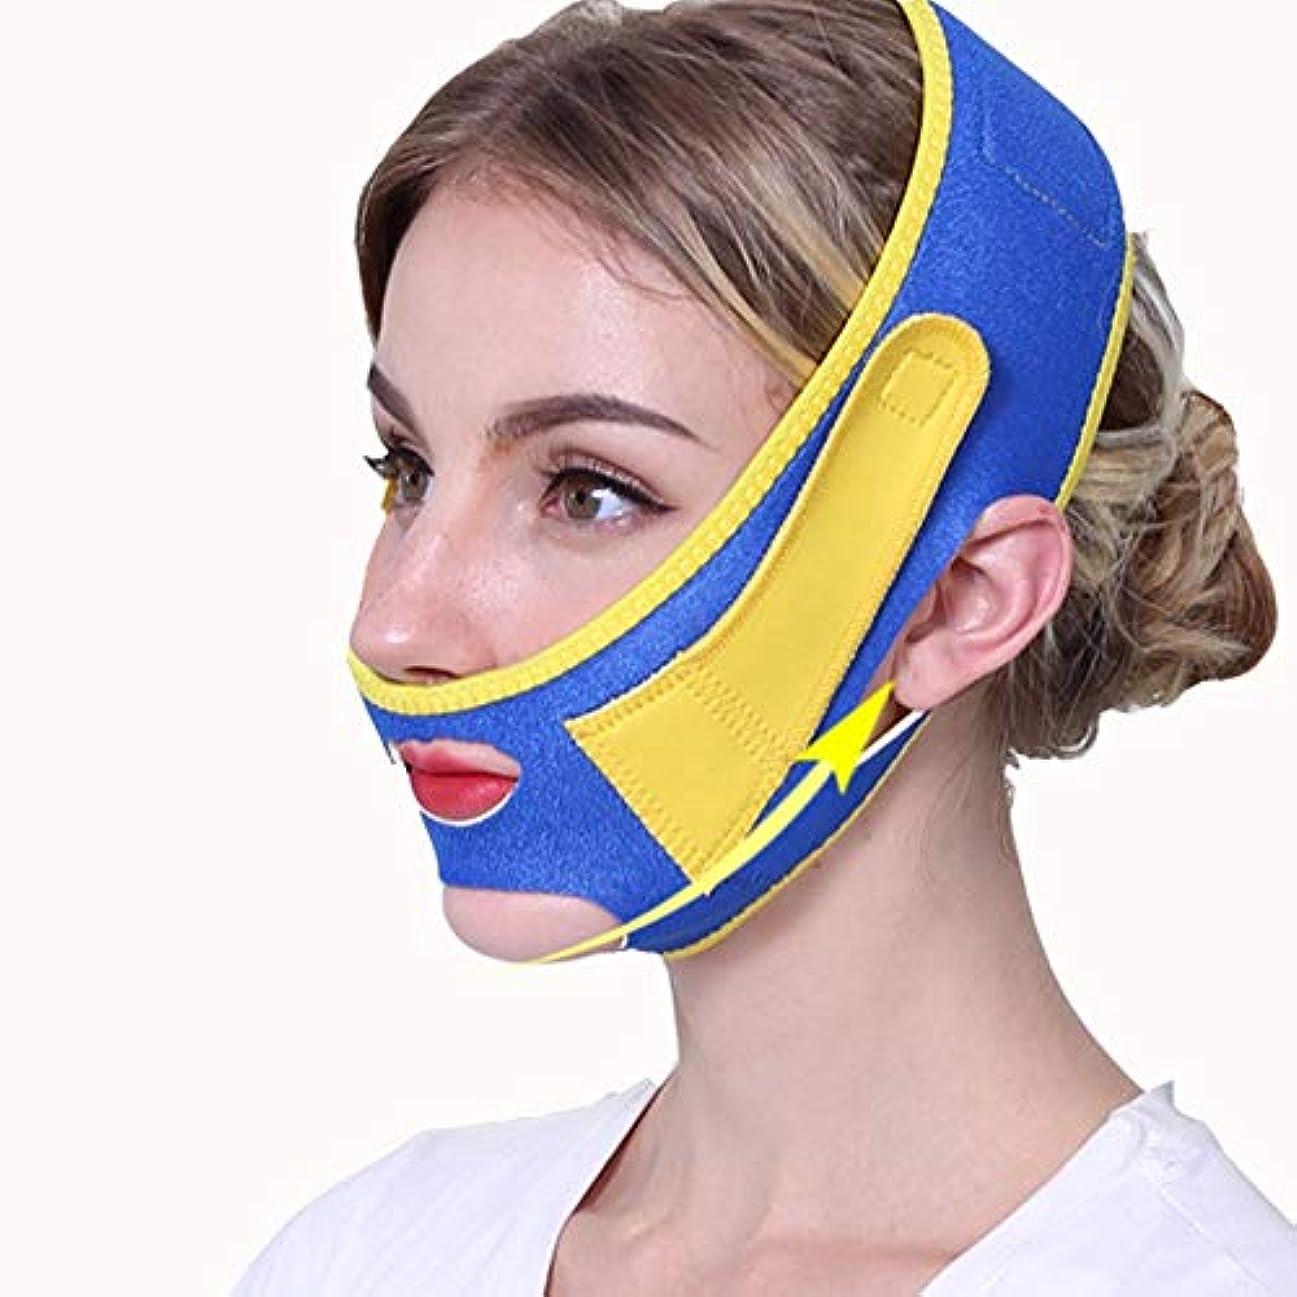 ロック解除大胆不敵分注する飛強強 フェイシャルリフティング痩身ベルトフェイス包帯マスク整形マスクフェイスベルトを引き締める薄型フェイス包帯整形マスクフェイスと首の顔を引き締めスリム スリムフィット美容ツール